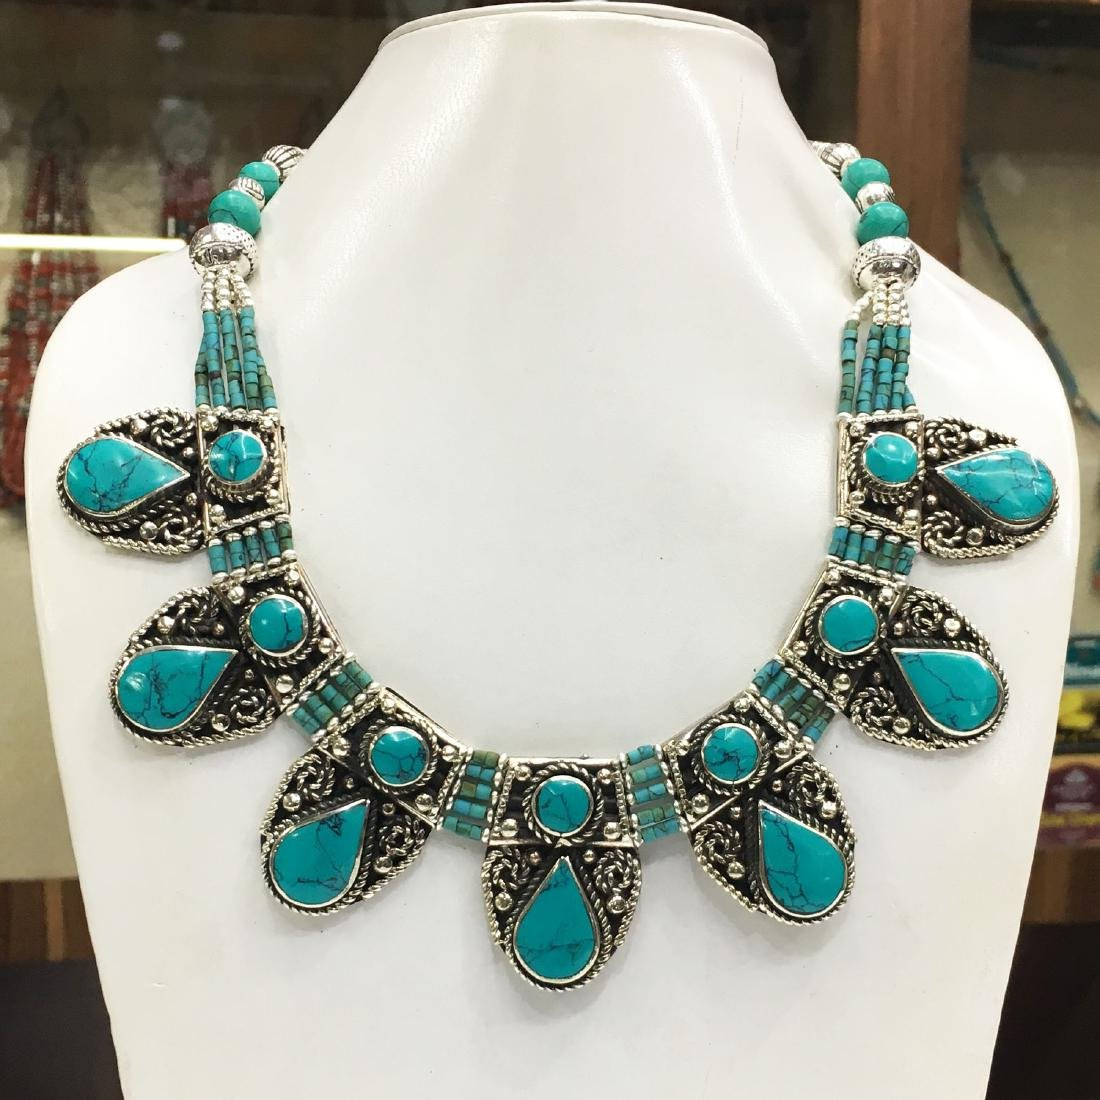 Banjara Turquoise Tibetan Silver Designer Necklace